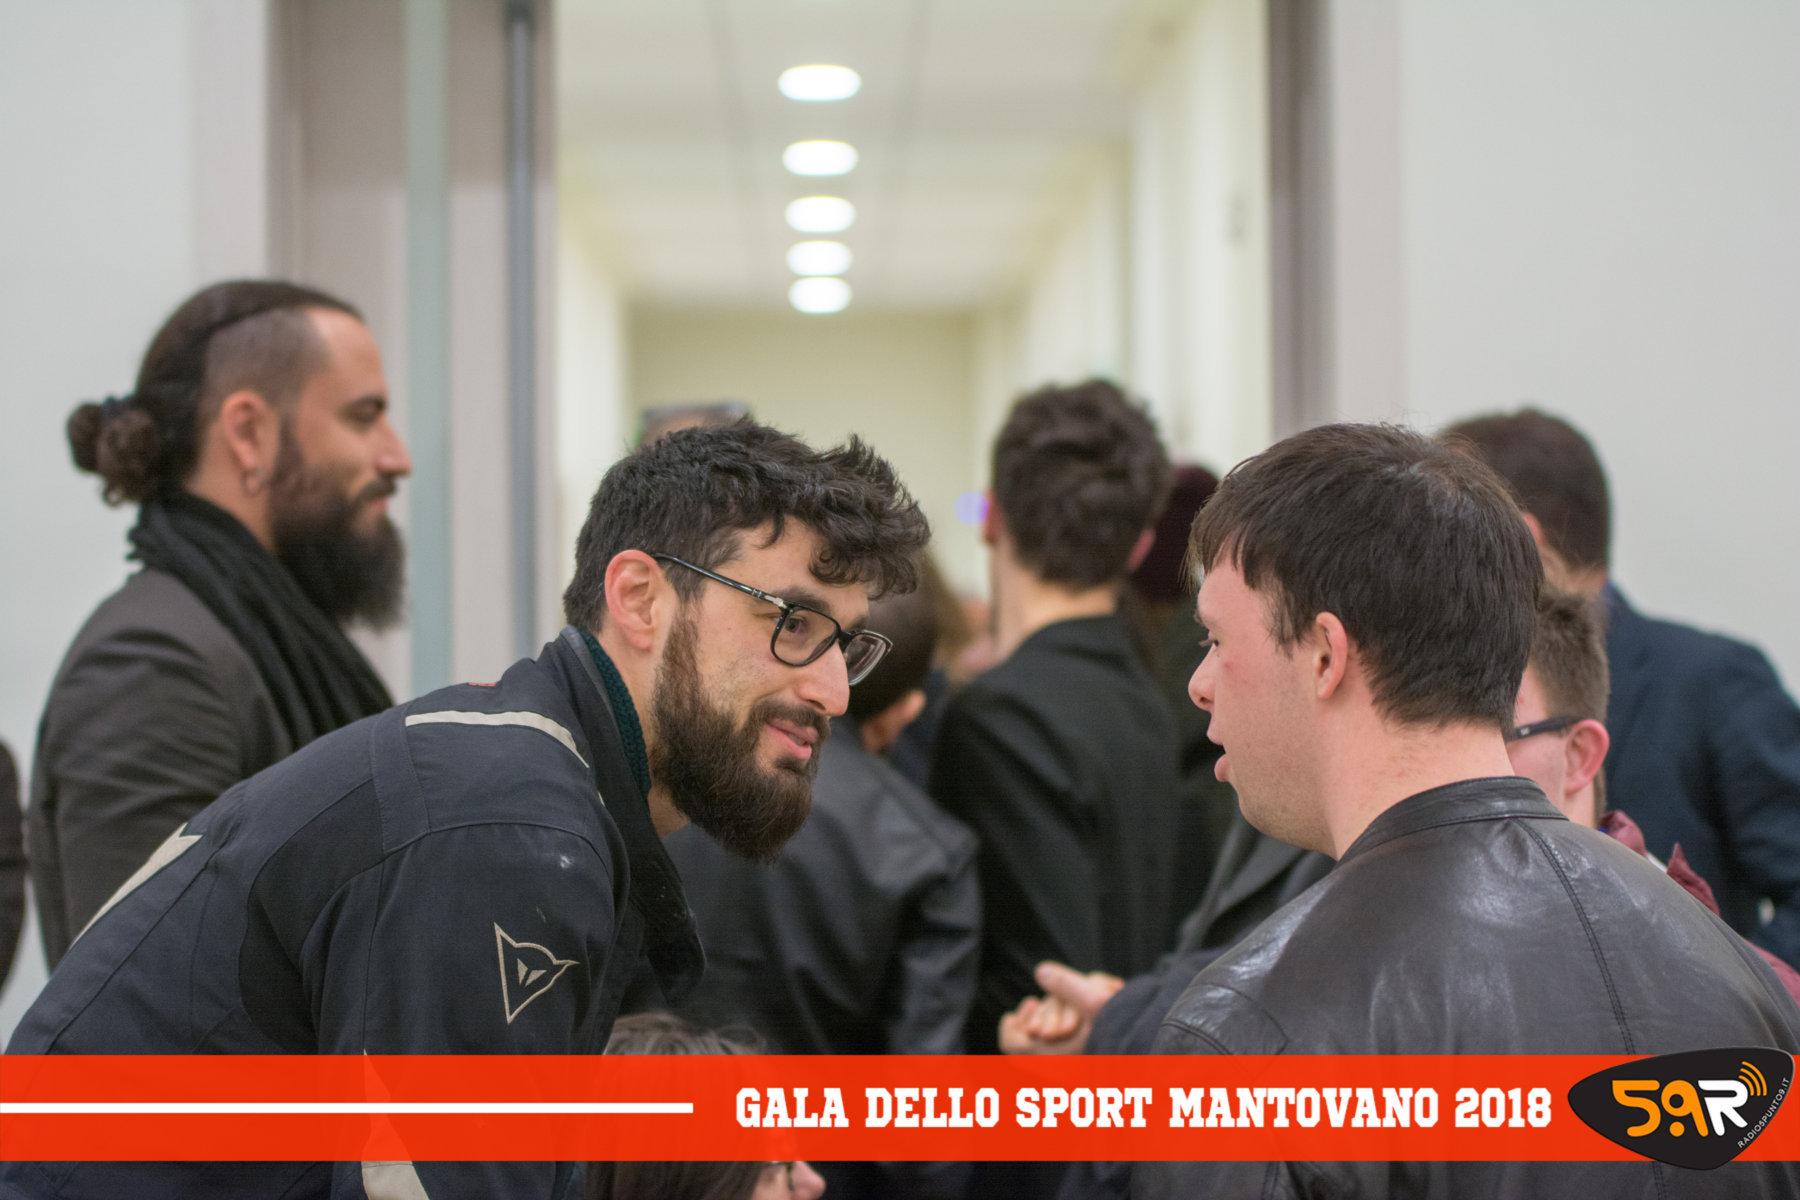 Gala dello Sport Mantovano 2018 Web Radio 5 (57)